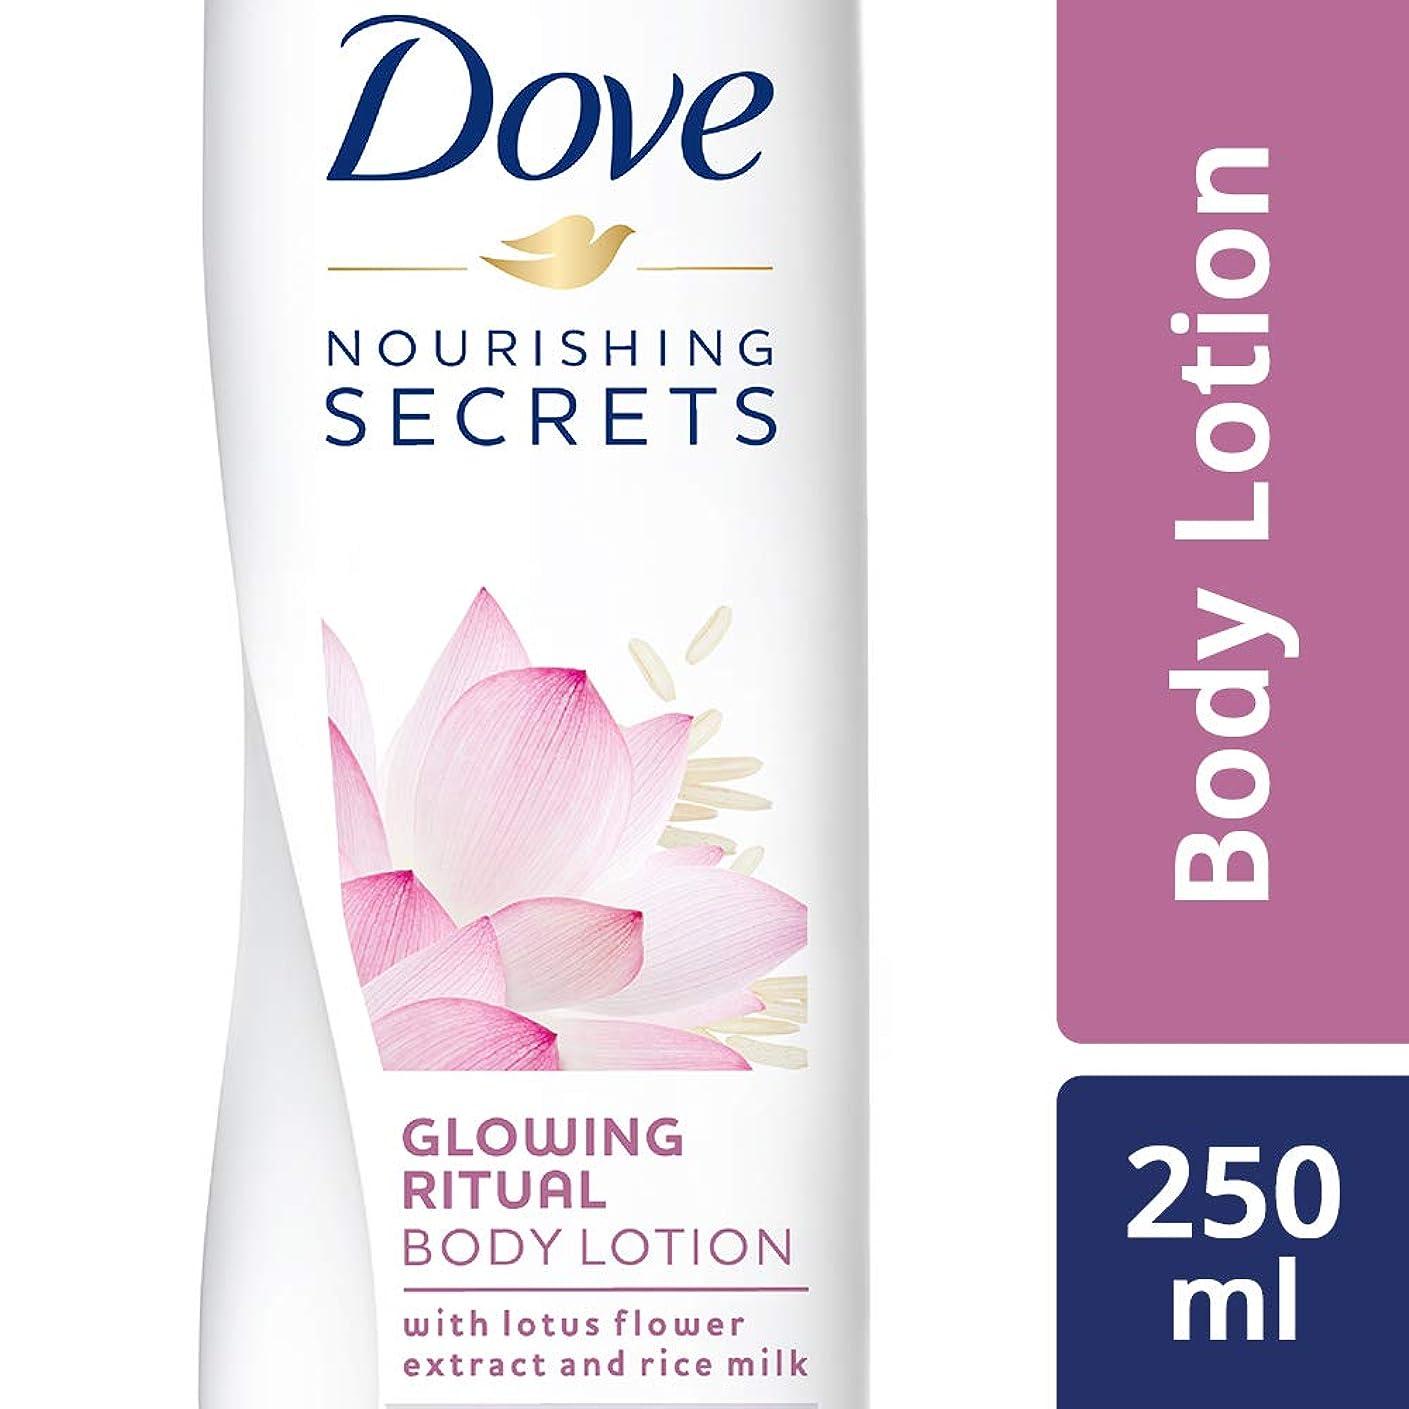 バッテリー有効化兵隊Dove Glowing Ritual Body Lotion, 250ml (Lotus flower and rice milk)